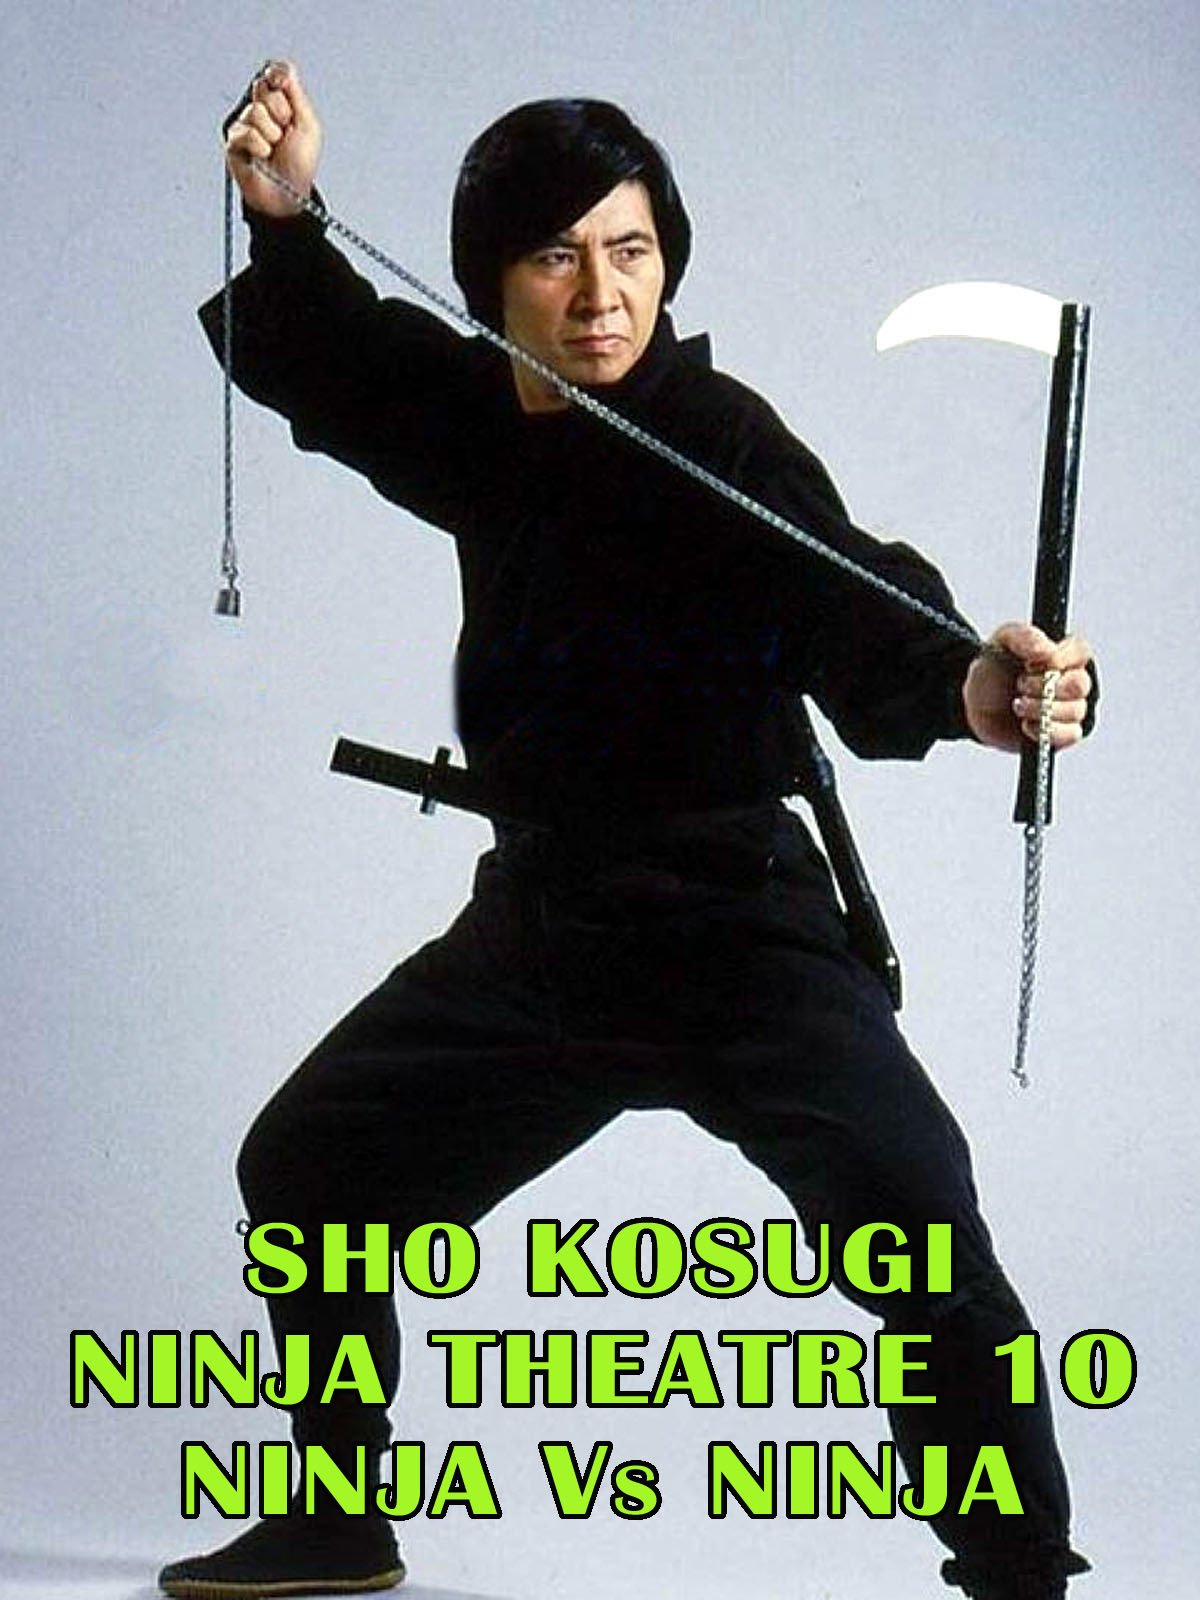 Amazon.com: Sho Kosugi Ninja Theater Vol.10 Ninja Vs Ninja ...